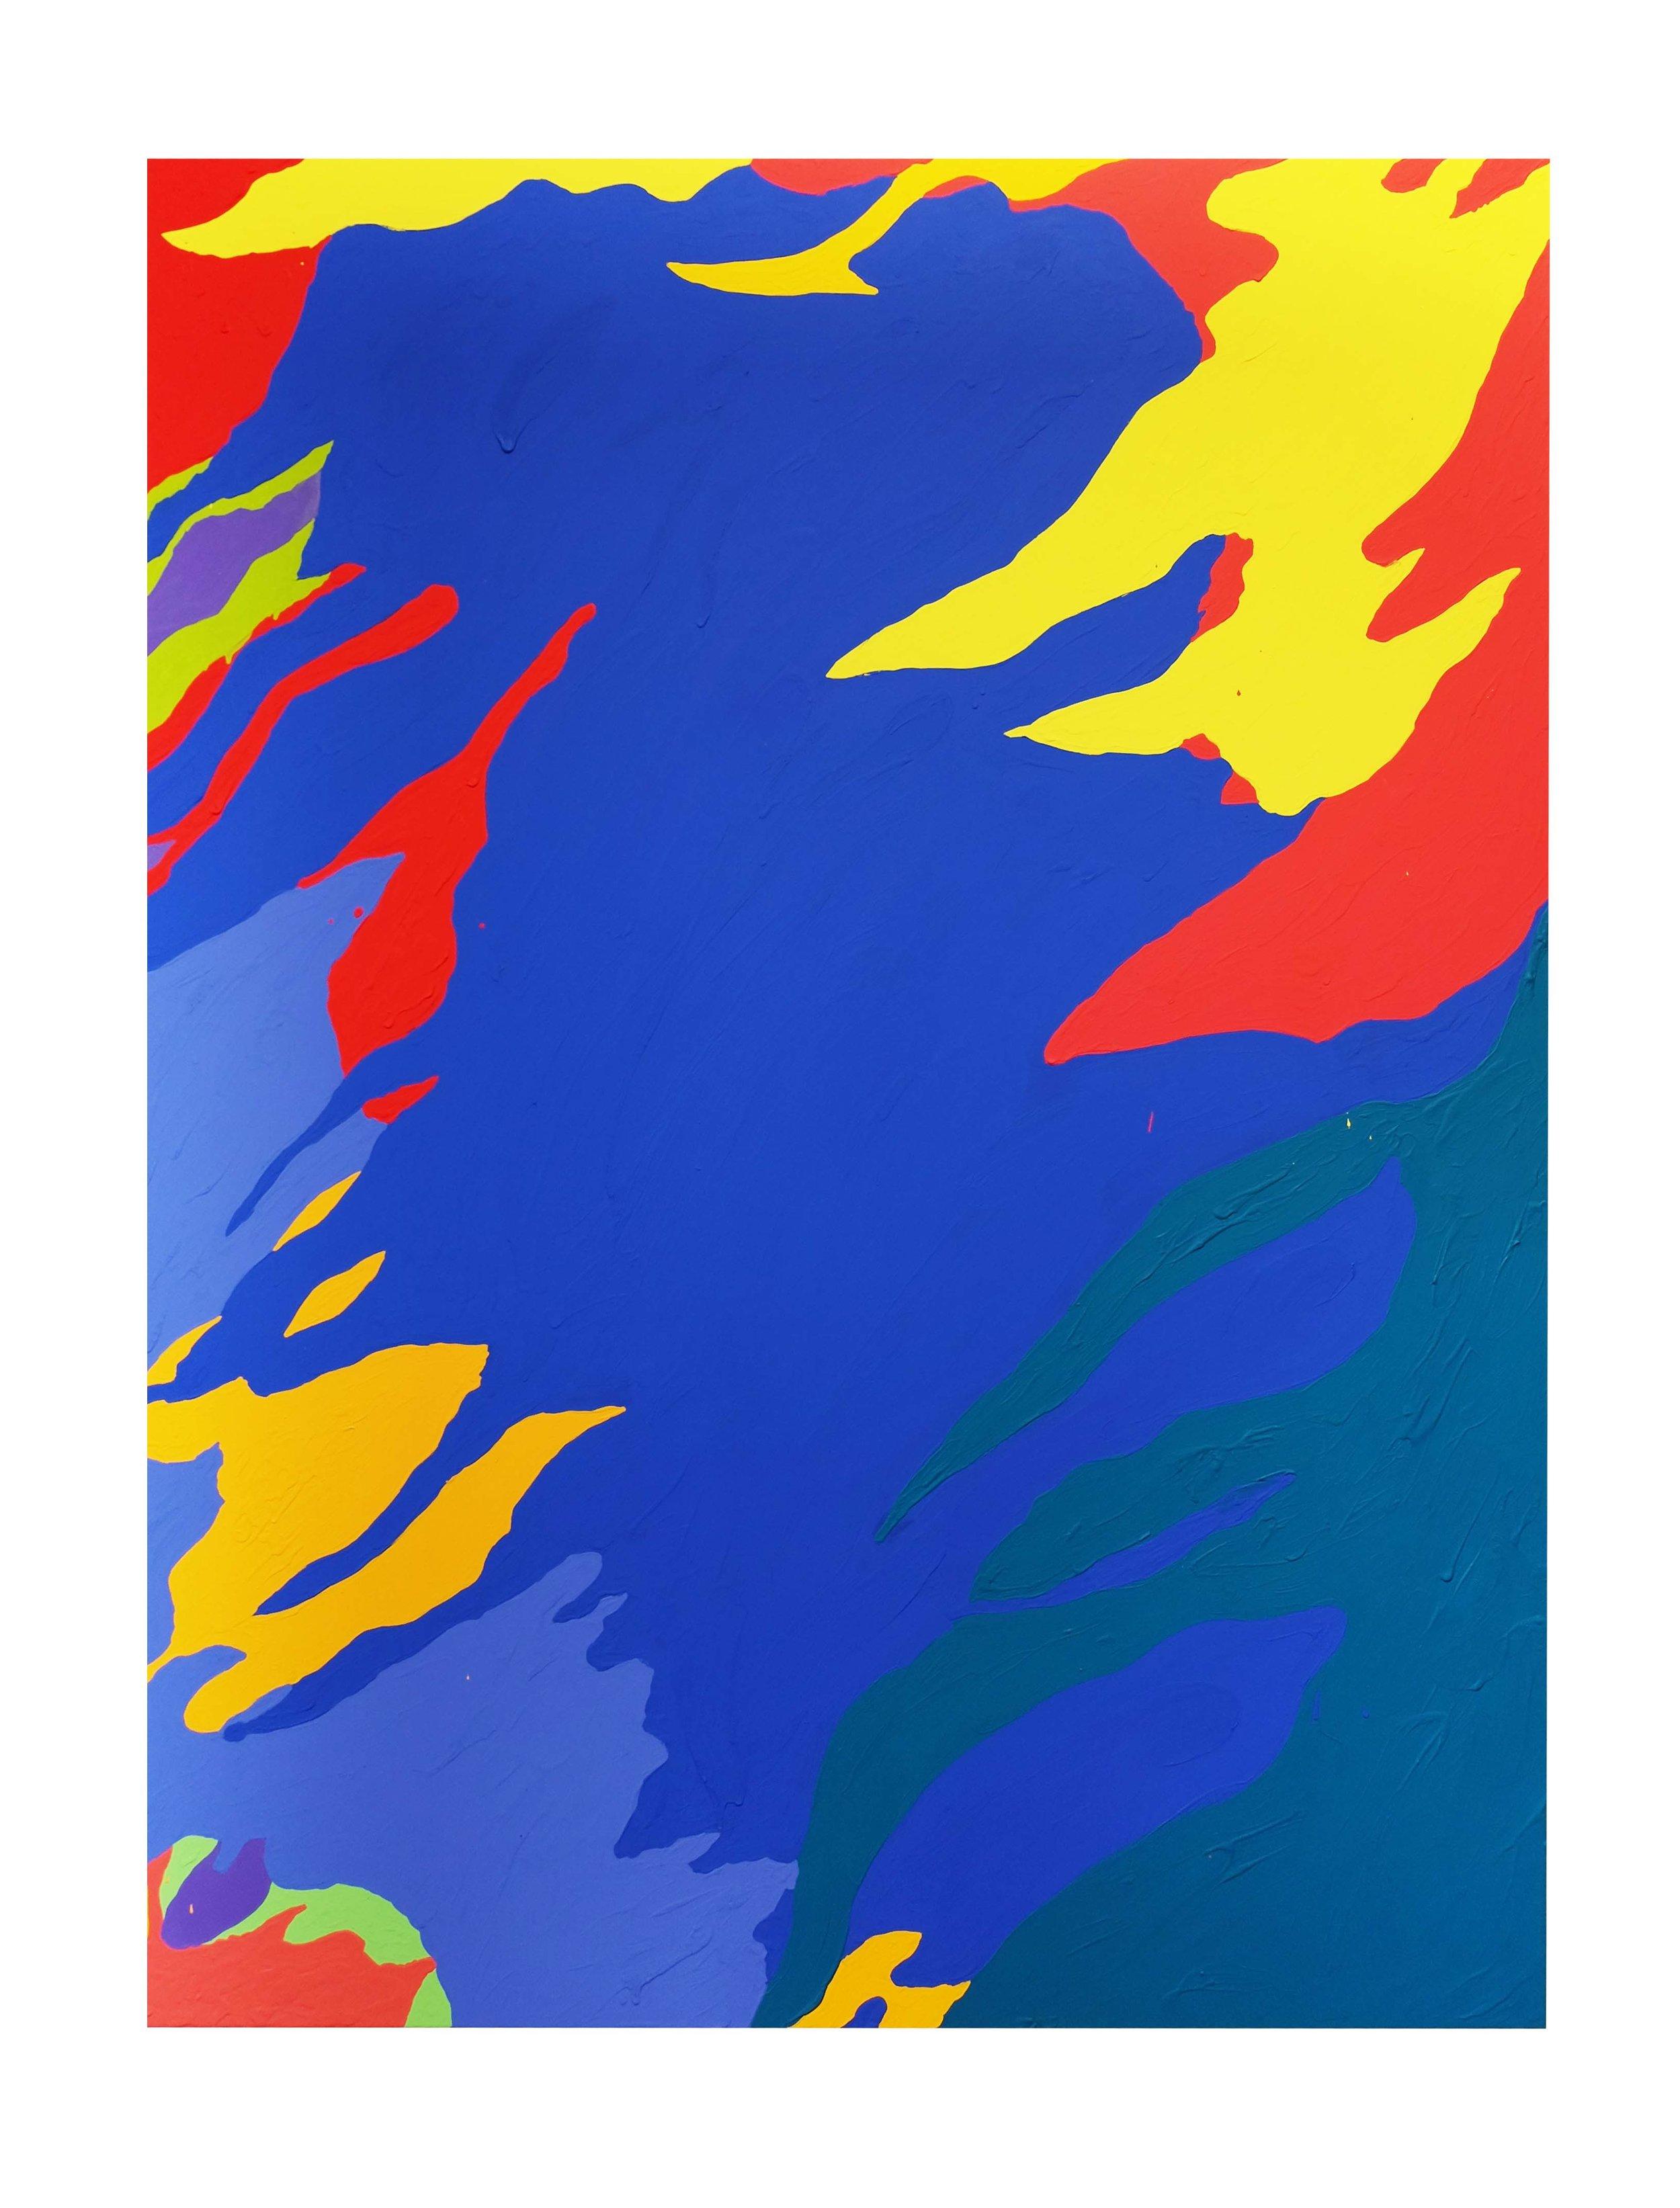 Louis Granet,  Sans-titre , 2017. Acrylique sur toile, 135 cm x 97 cm